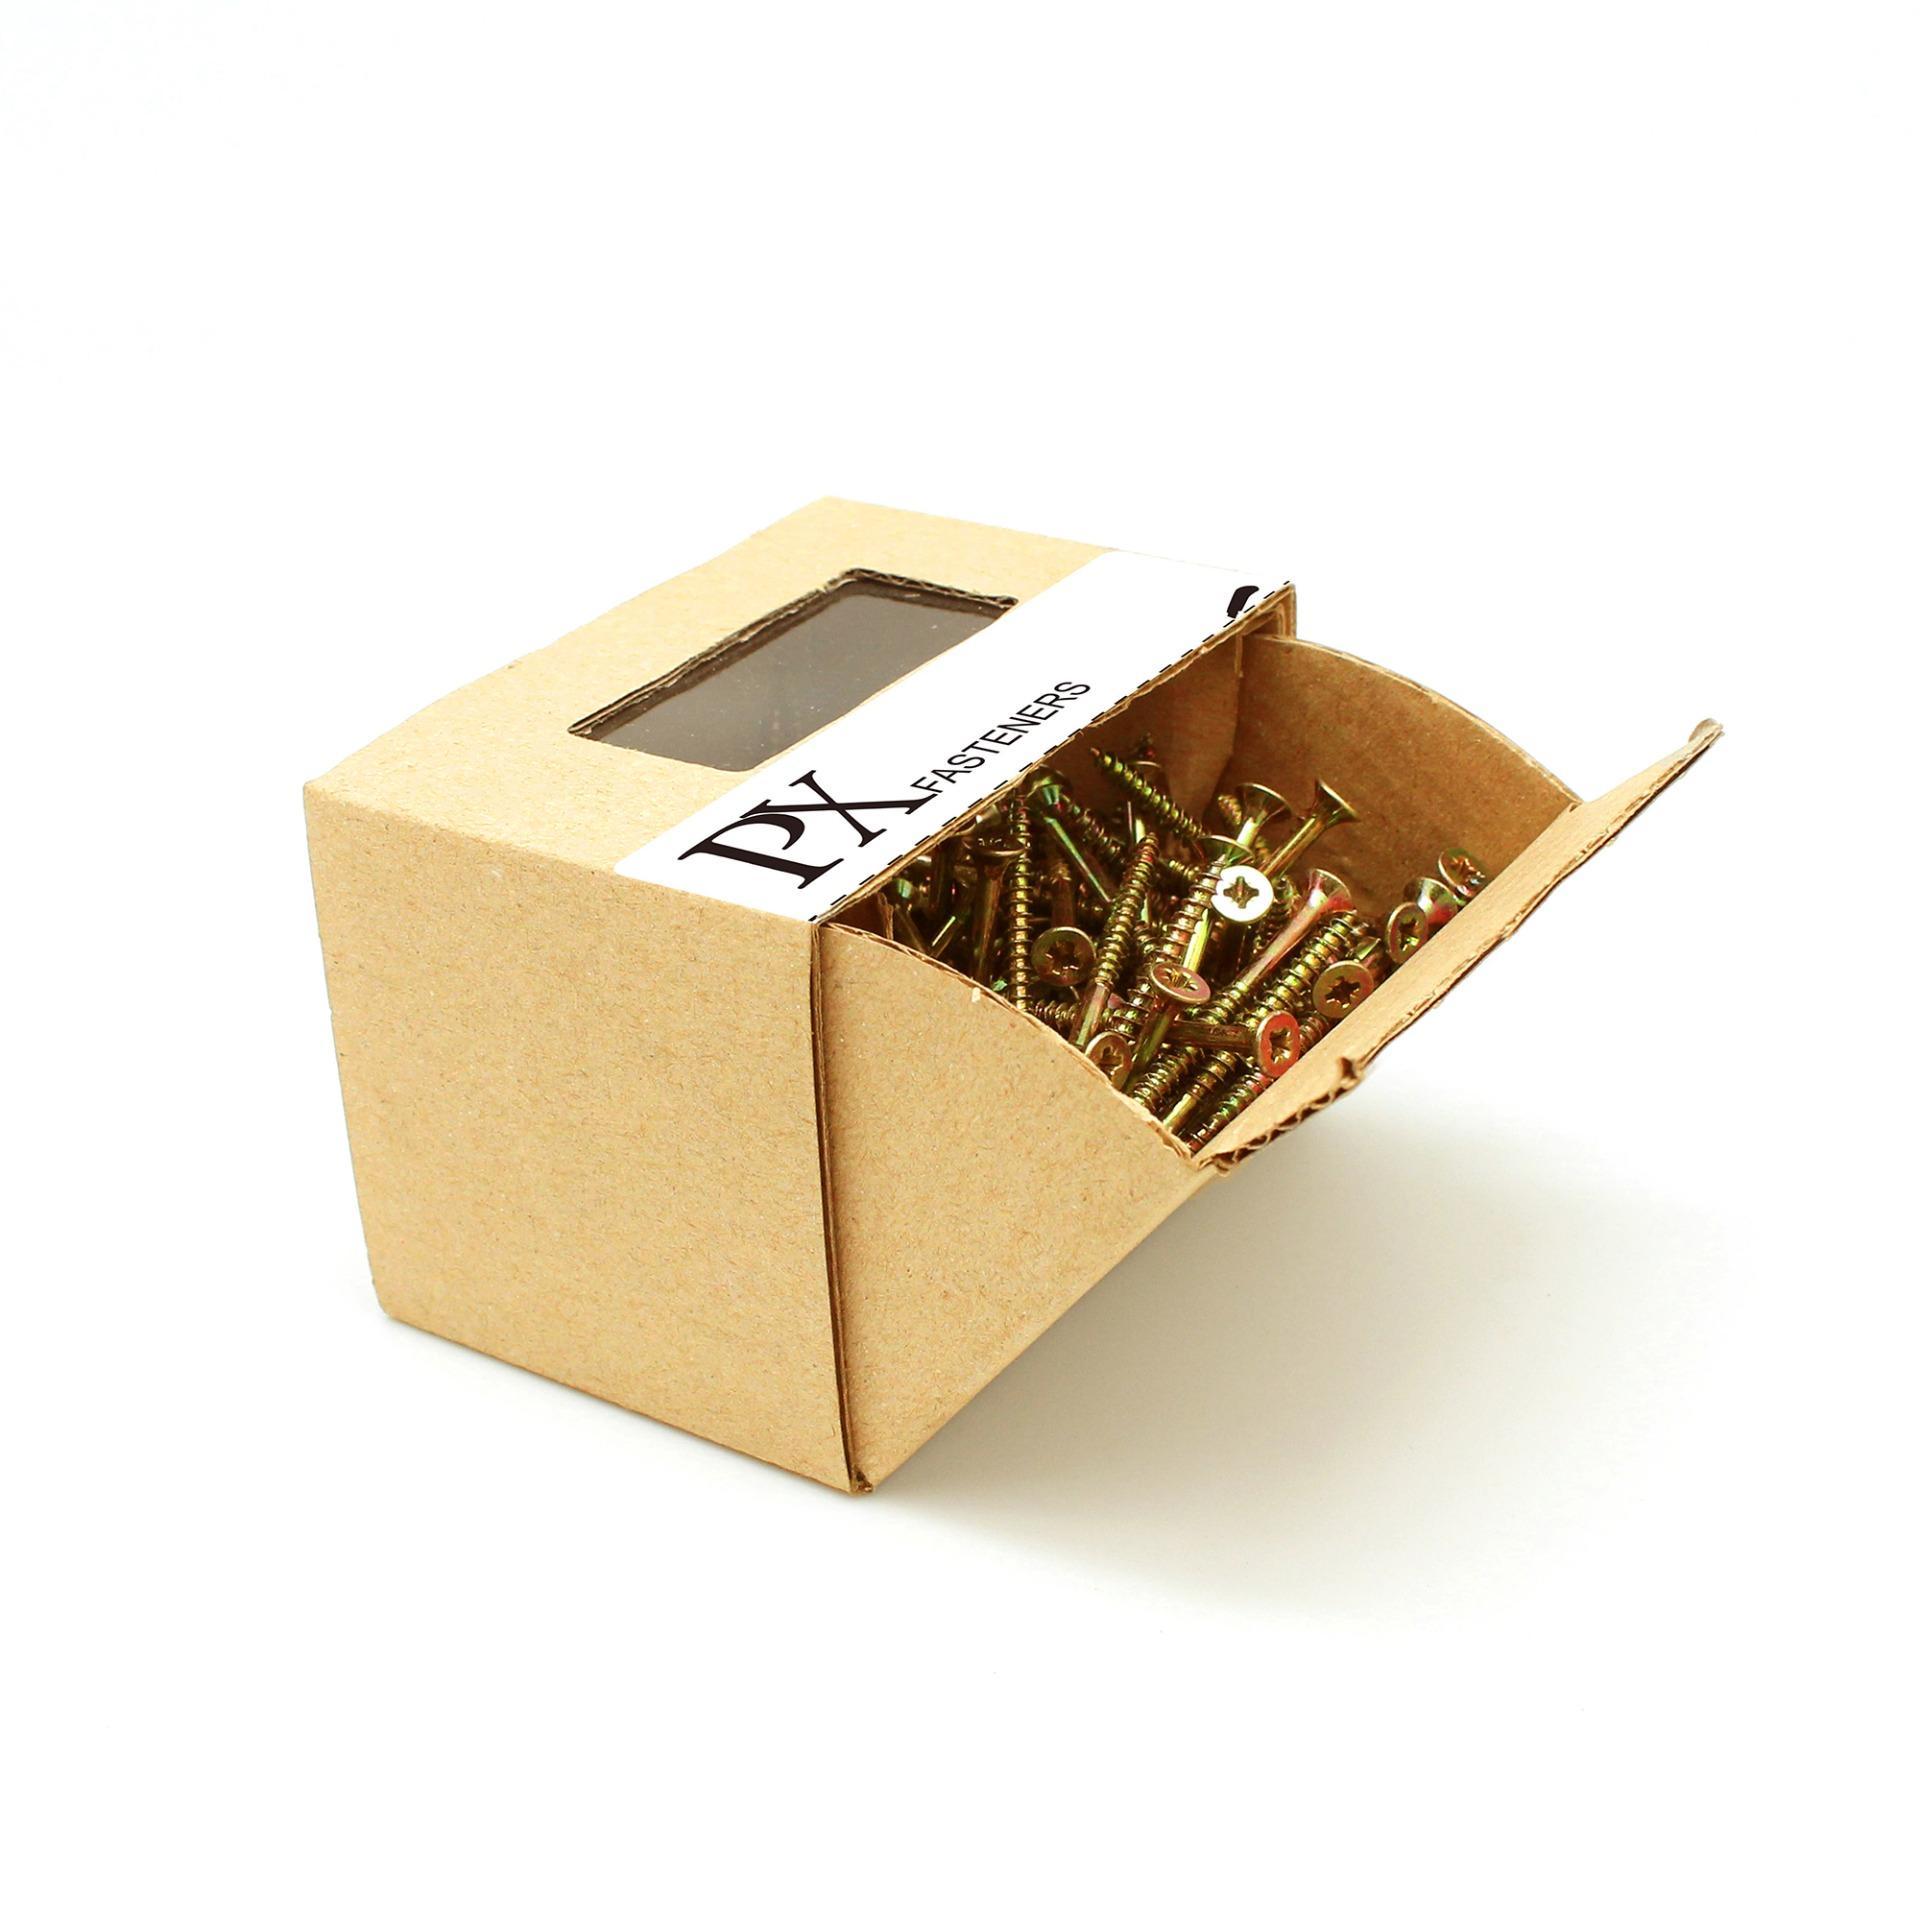 Hộp vít gỗ PX 303100002 đầu PZ 3×35 275 Con (Vàng) / PZ Chipboard Screw box 3×35 275pcs (Yellow)